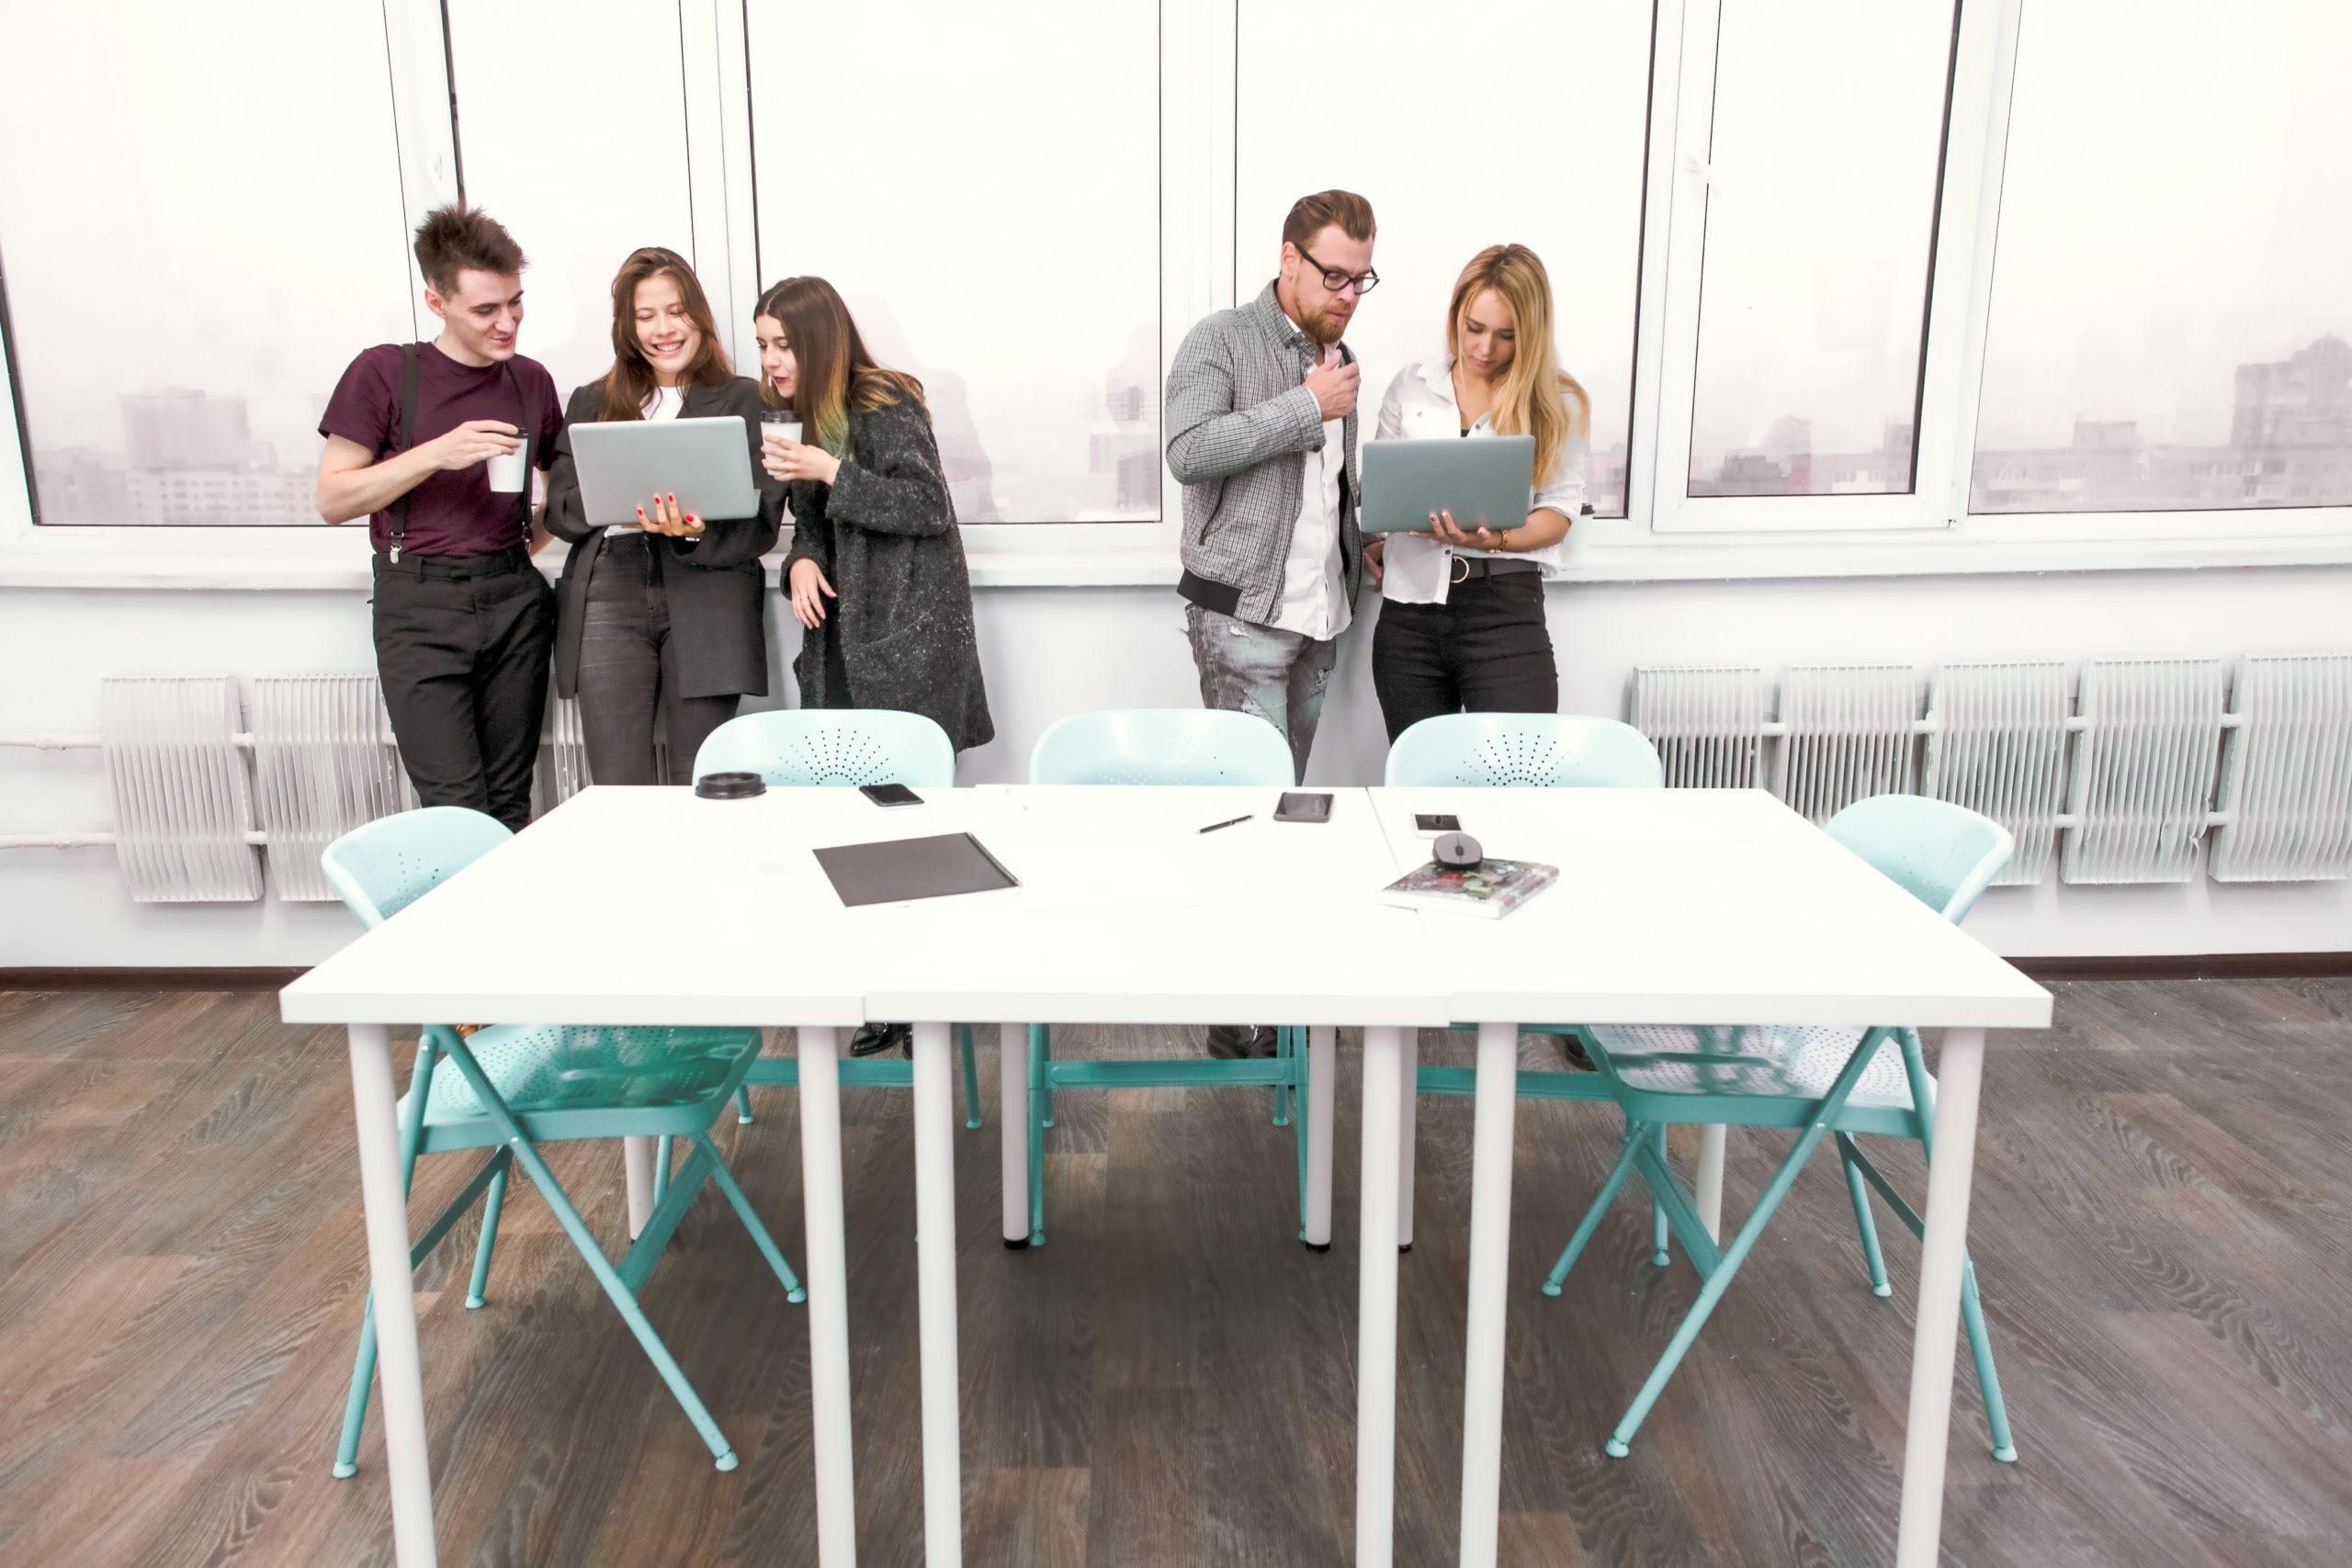 Vijf mensen praten met elkaar met hun laptop in handen